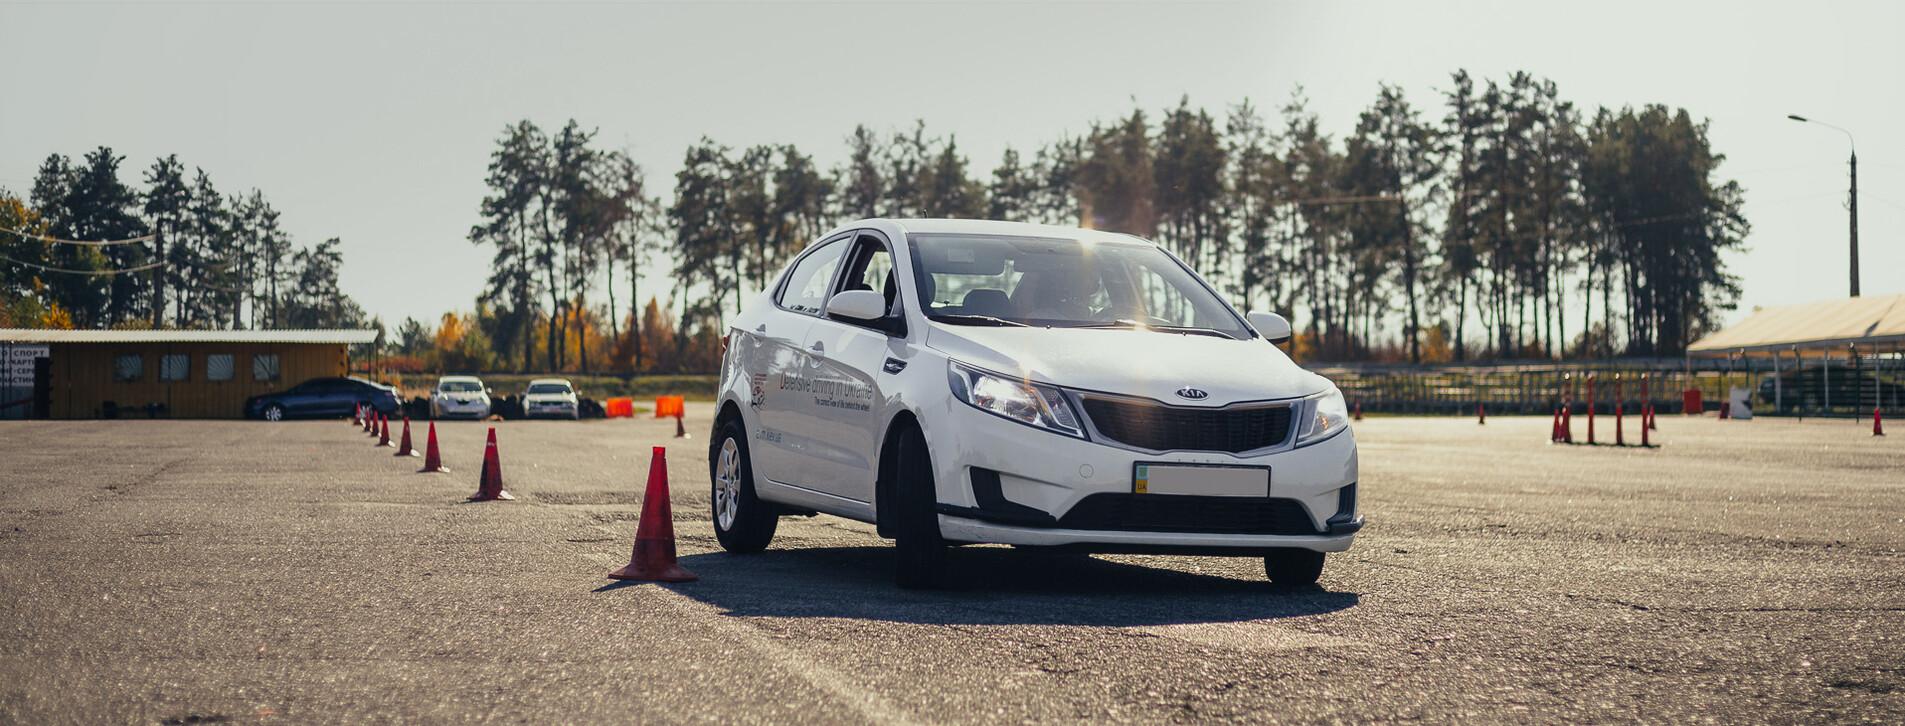 Фото 1 - Курс экстремального вождения